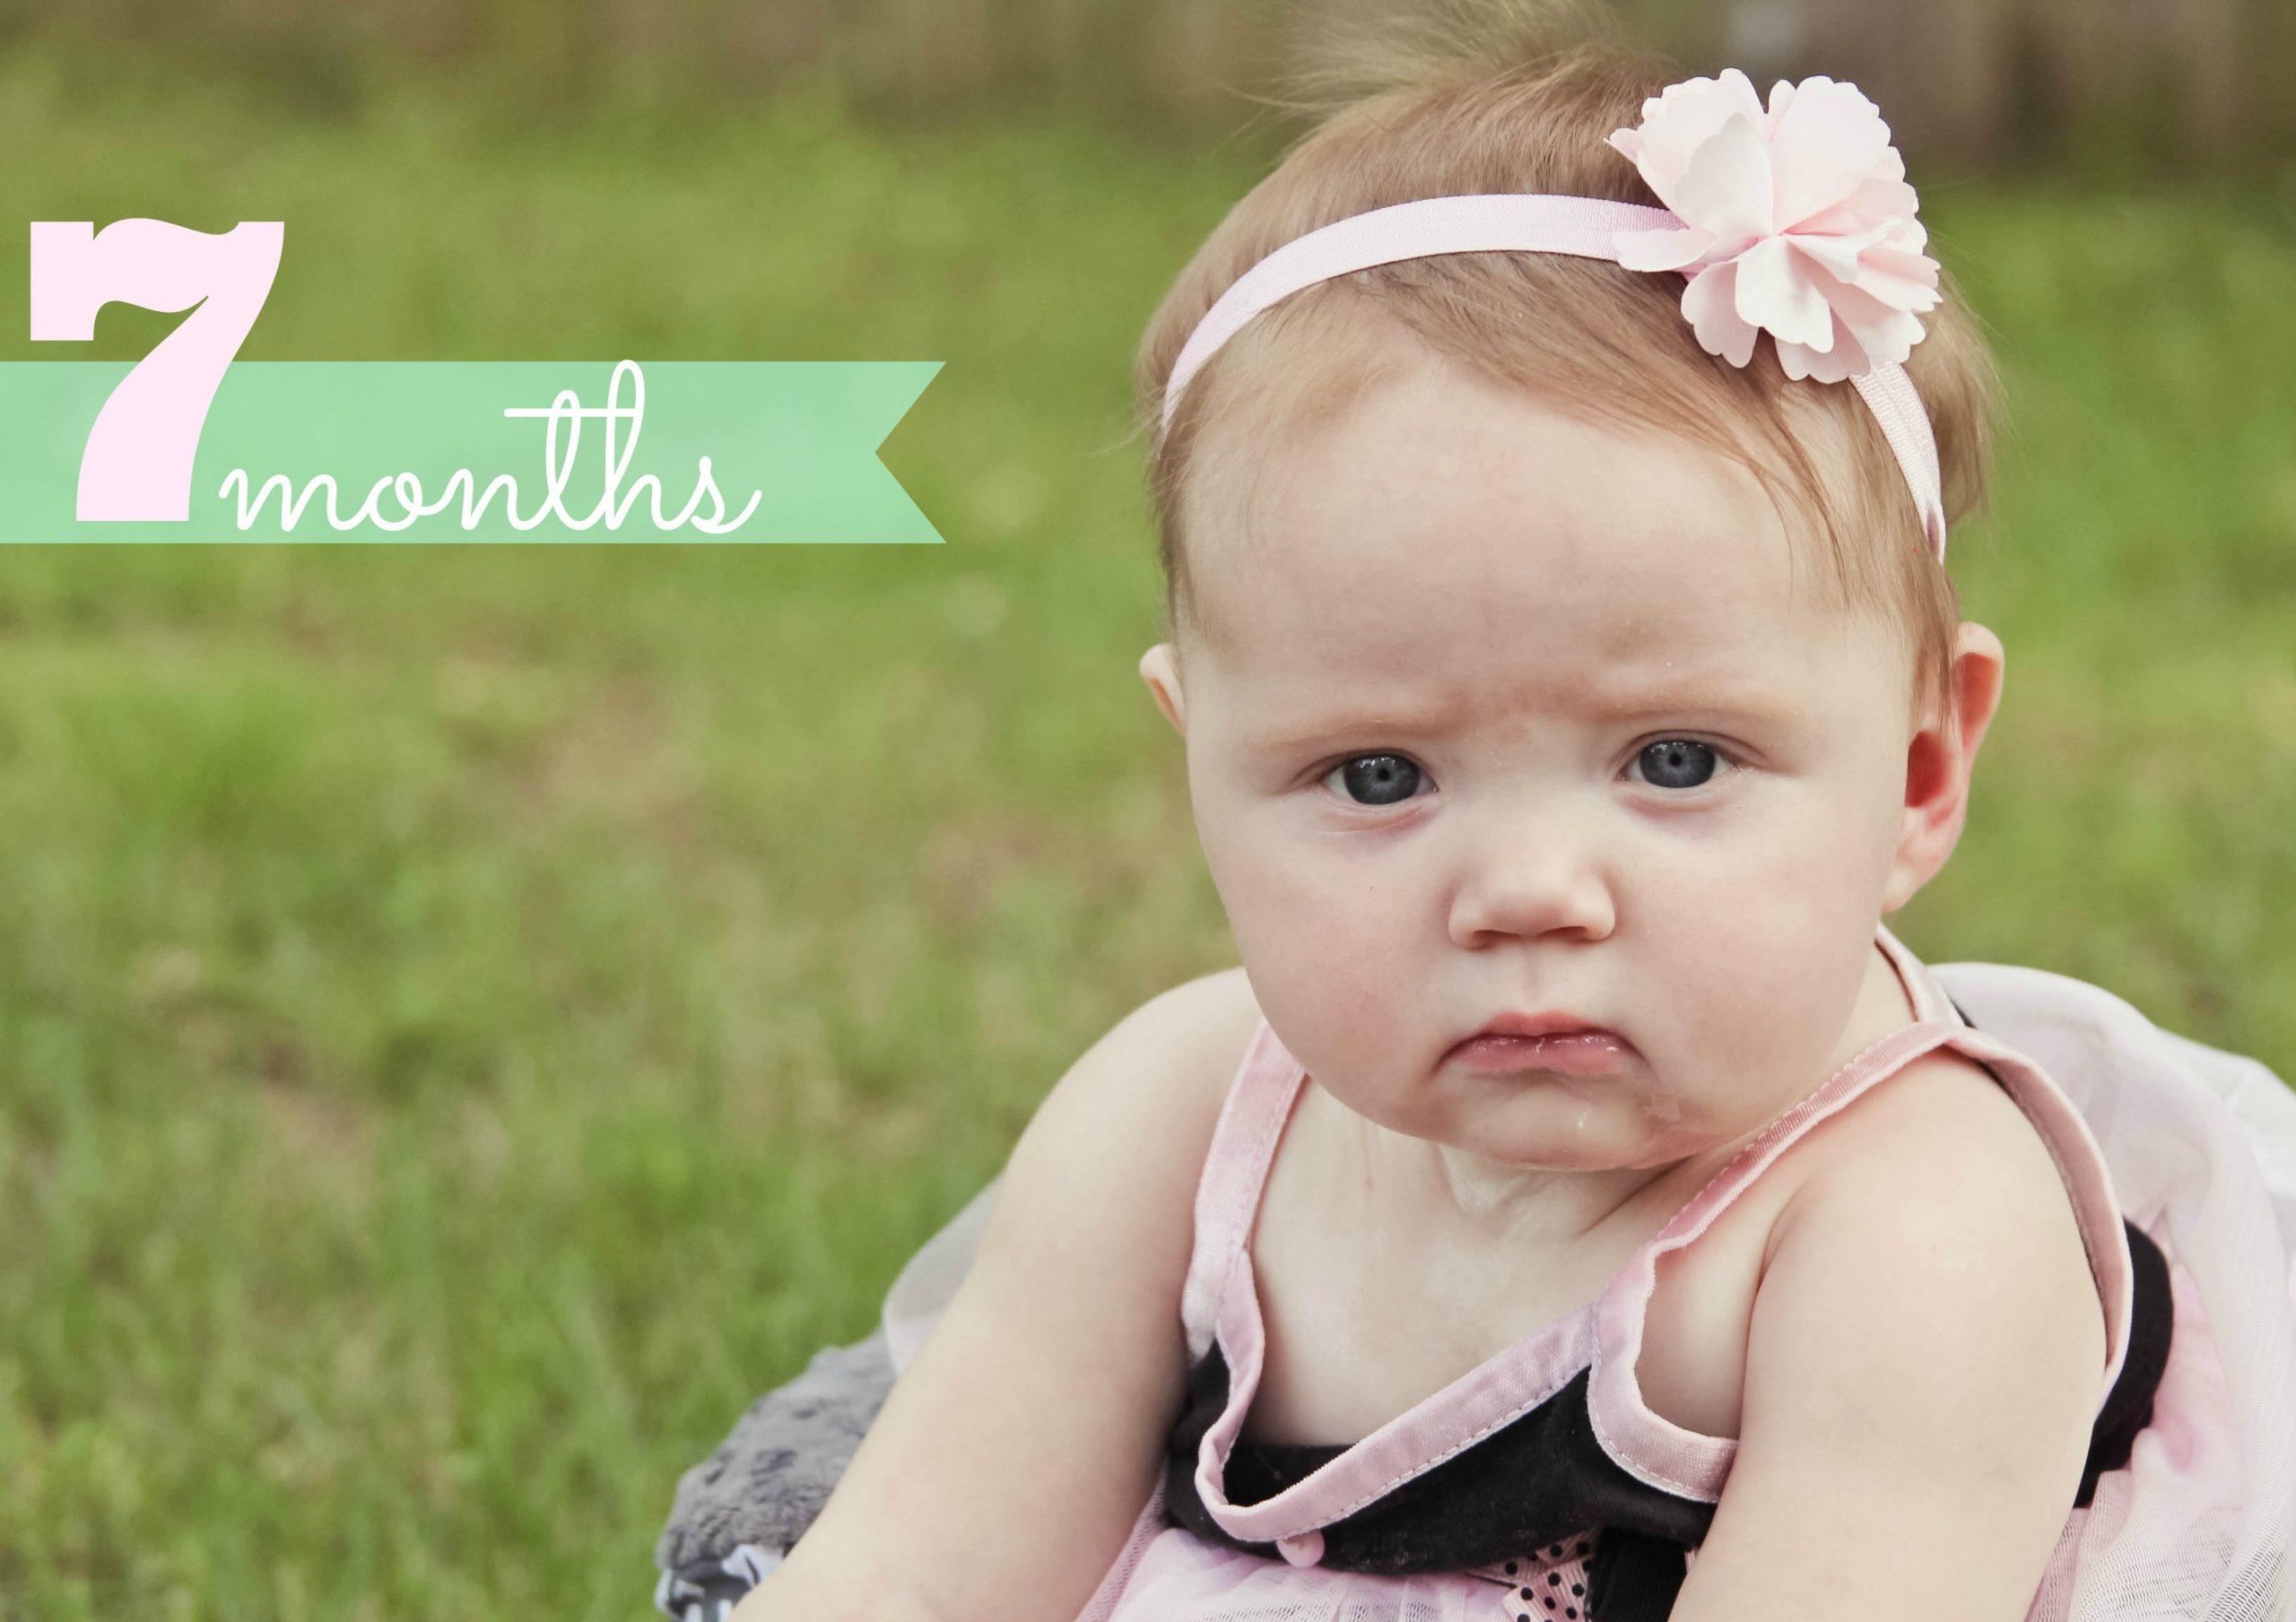 Giải đáp thắc mắc: Trẻ 7 tháng tuổi nặng bao nhiêu kg là phát triển tốt nhất